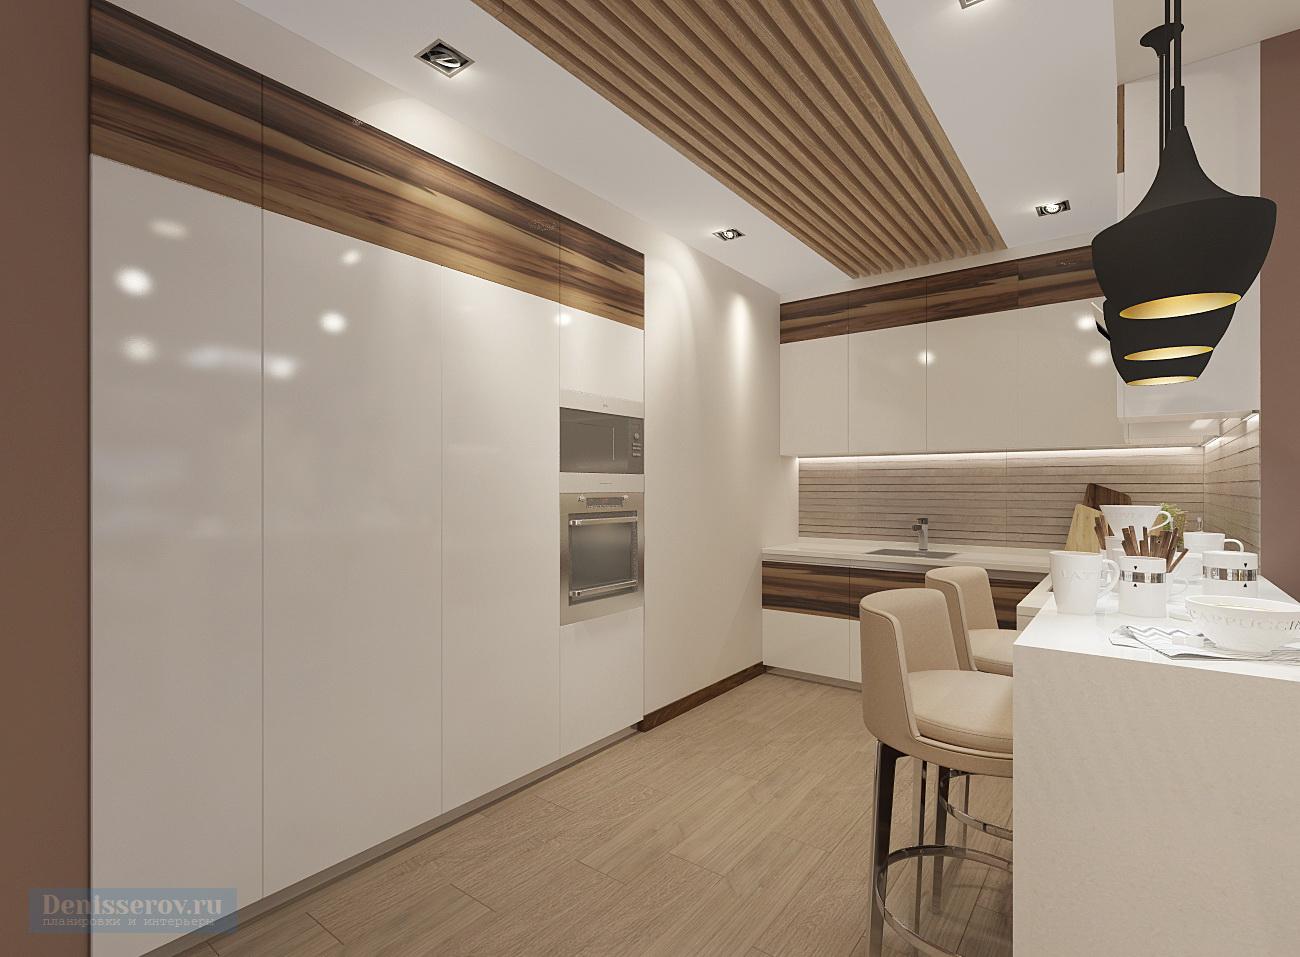 кухня совмещенная с гостиной 10 кв.м.